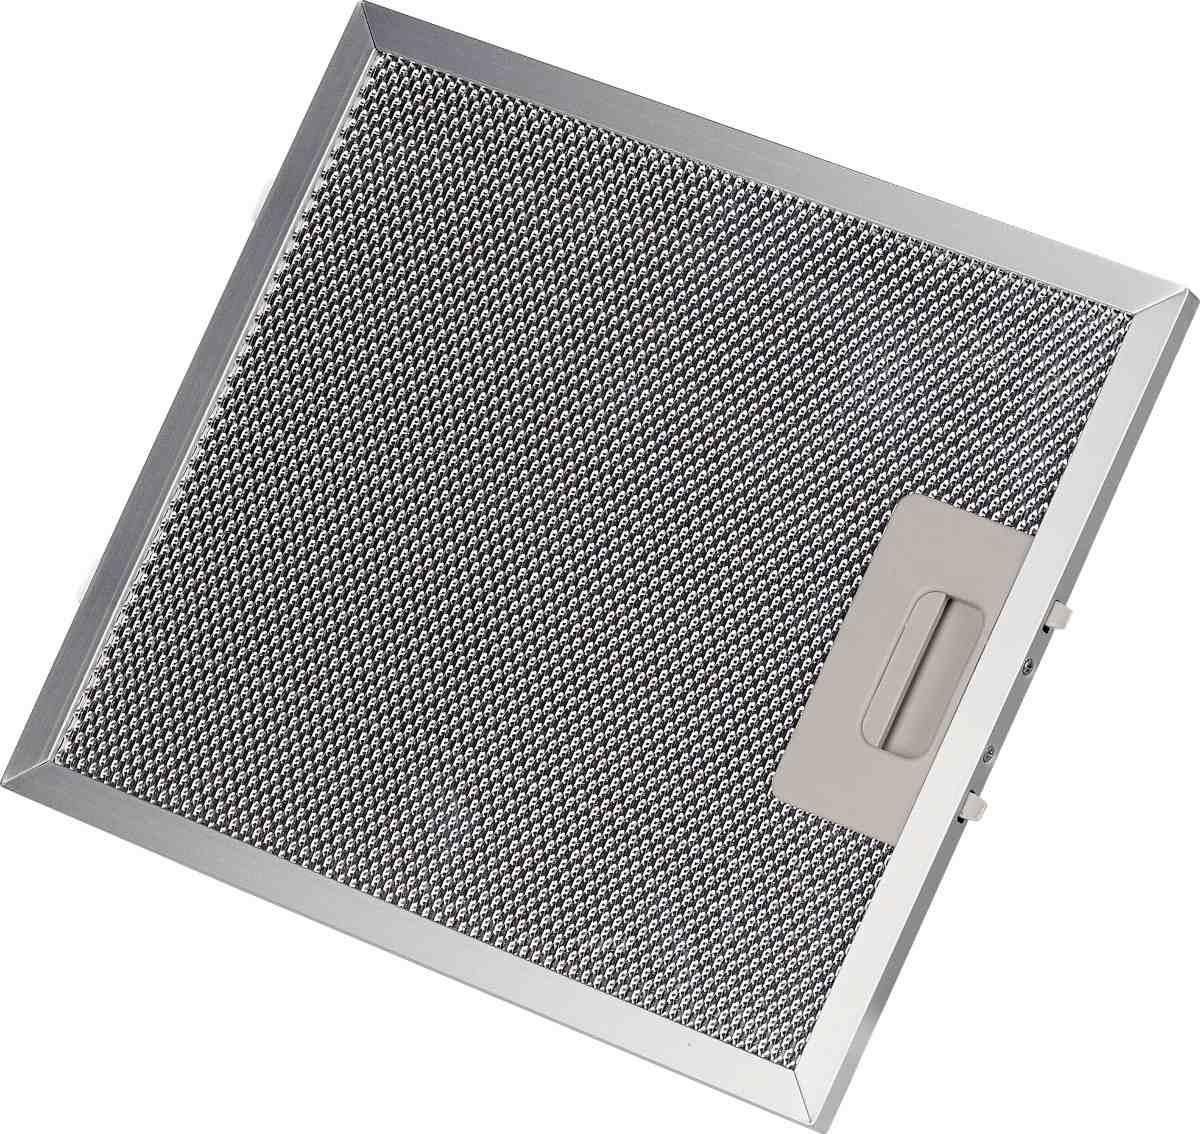 Kit 03 Filtros Alumínio Coifa Suggar Coral/Granada 27,7 x 36,3 cm  - HL SERVICE